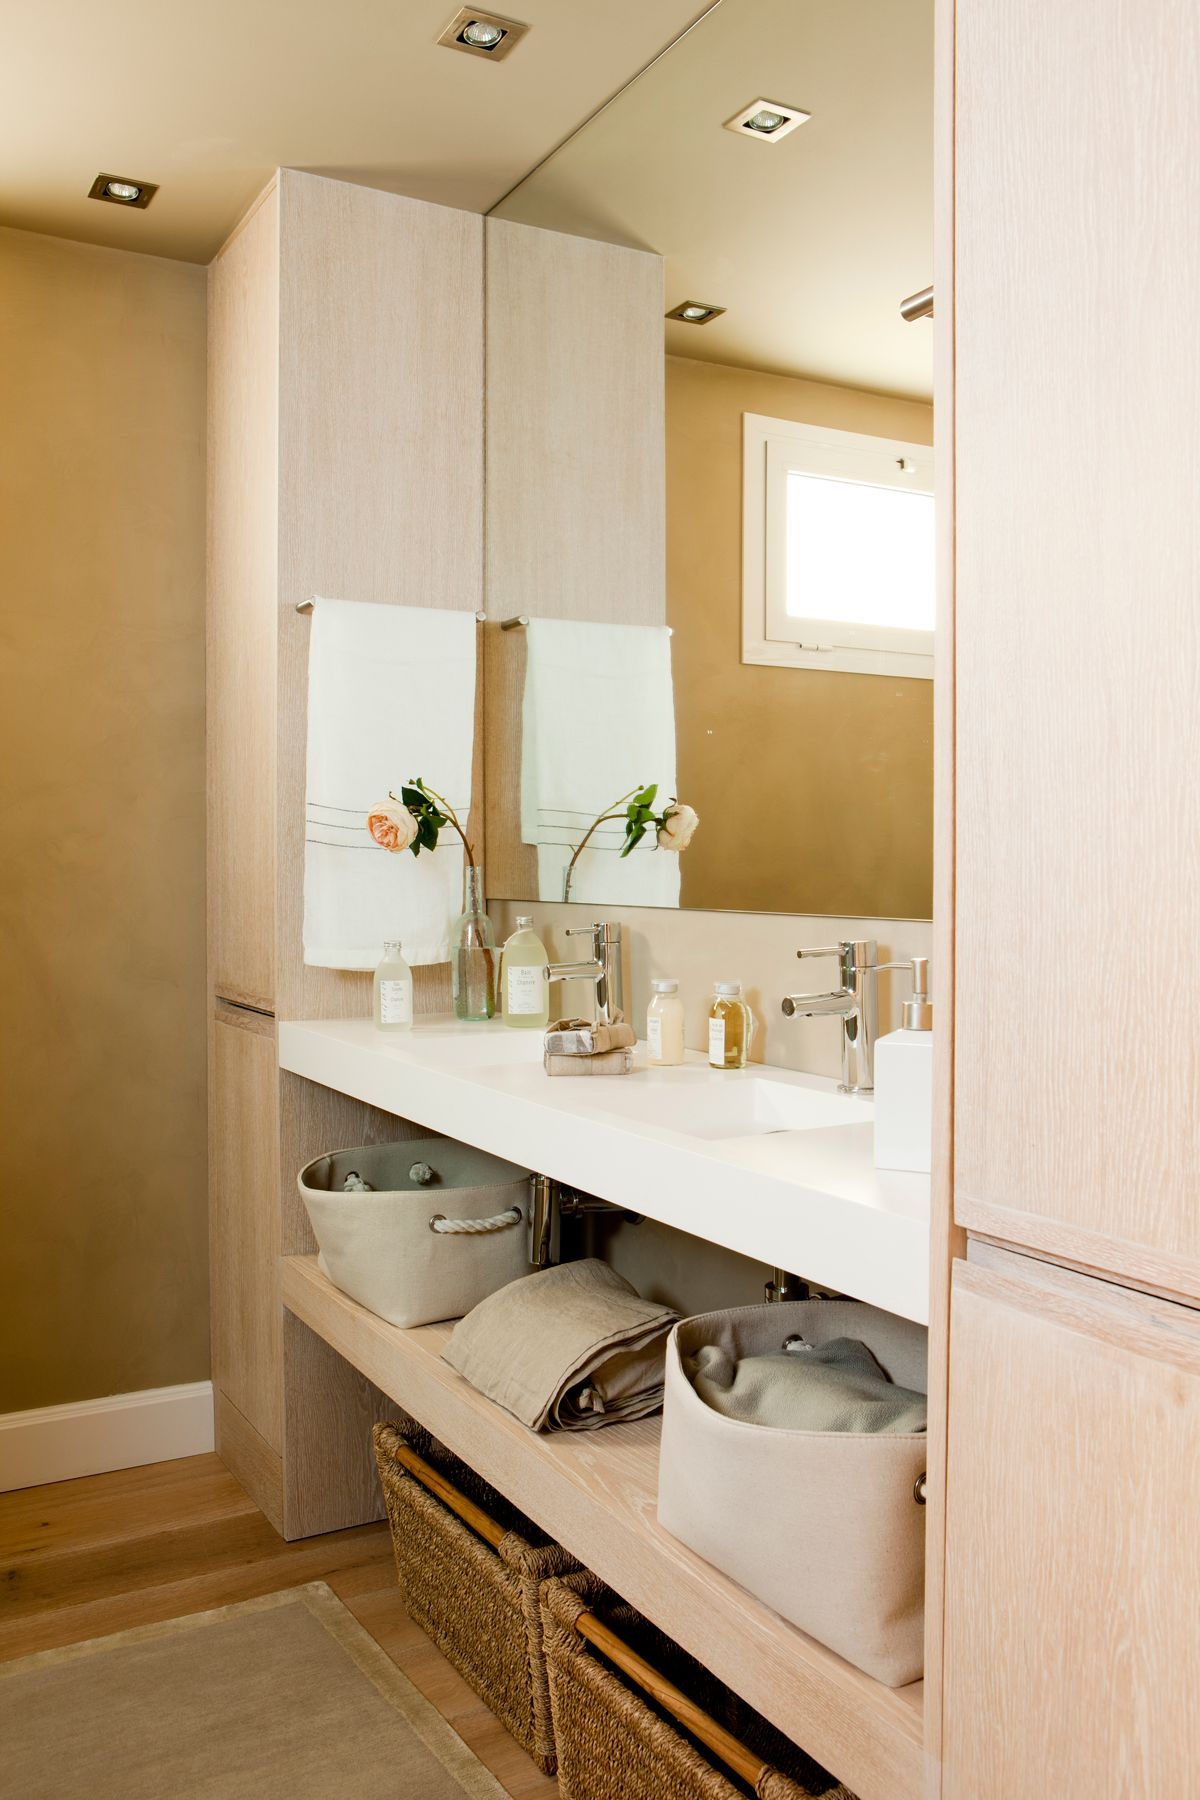 Ba o con armarios altos a medida espejo xl y mueble for Mueble con espejo para bano